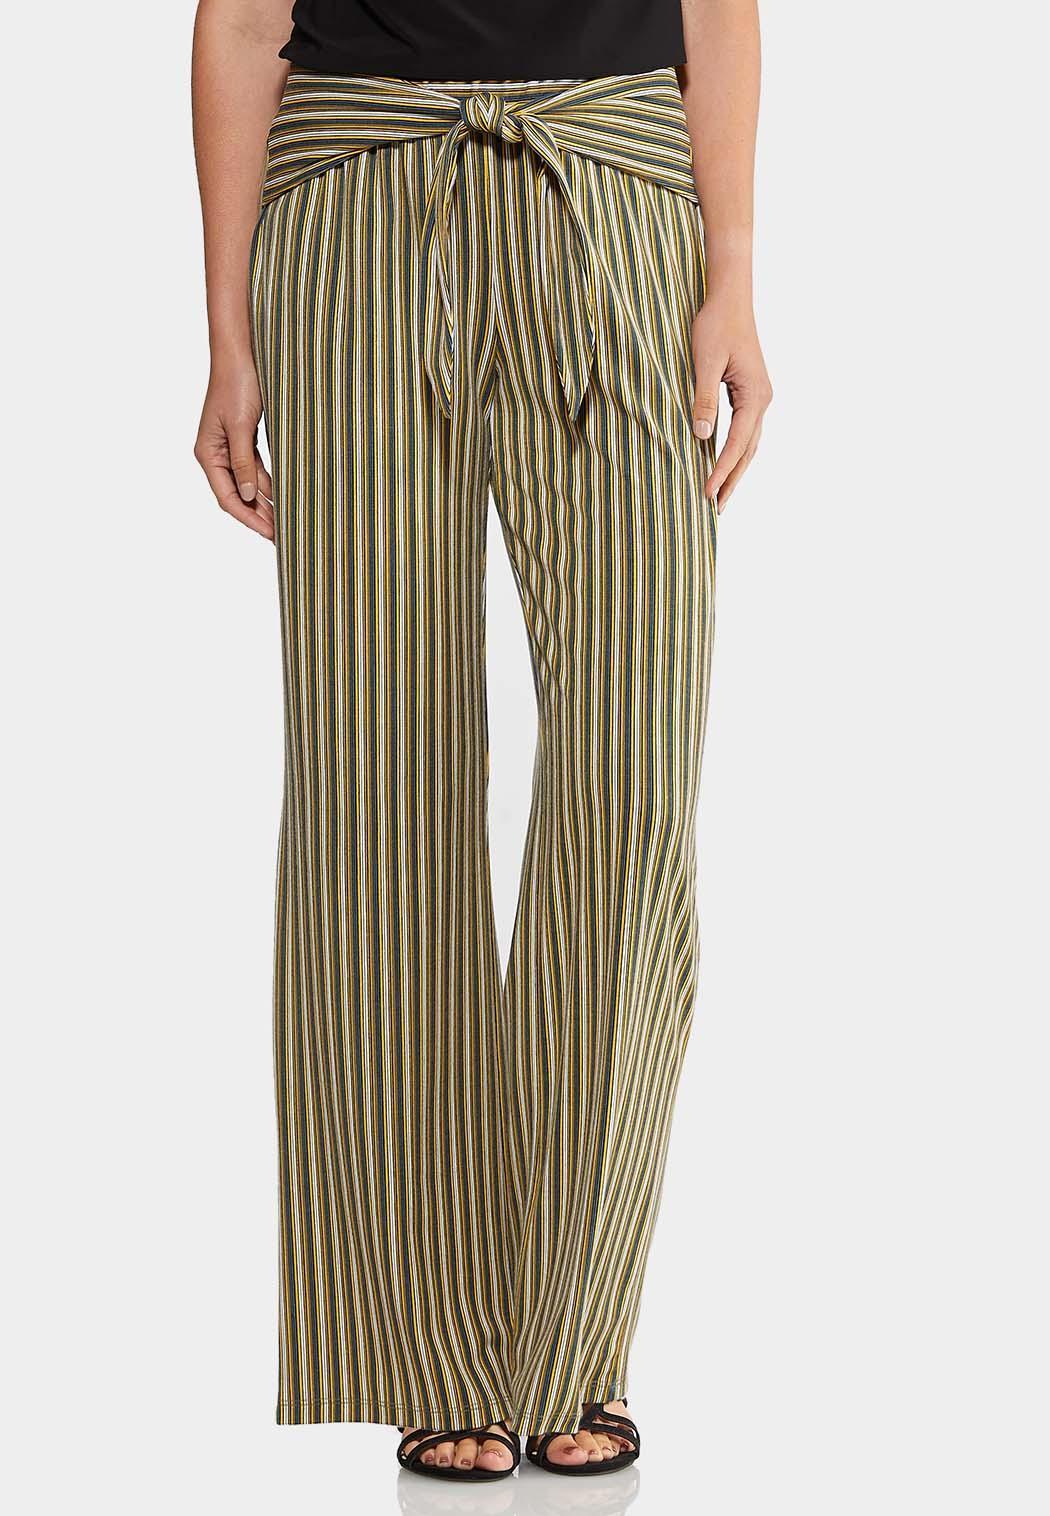 51833f3df4c4ed Women's Pants - Palazzo Pants, Slim Leg, Skinny Leg Pants, Leggings & More